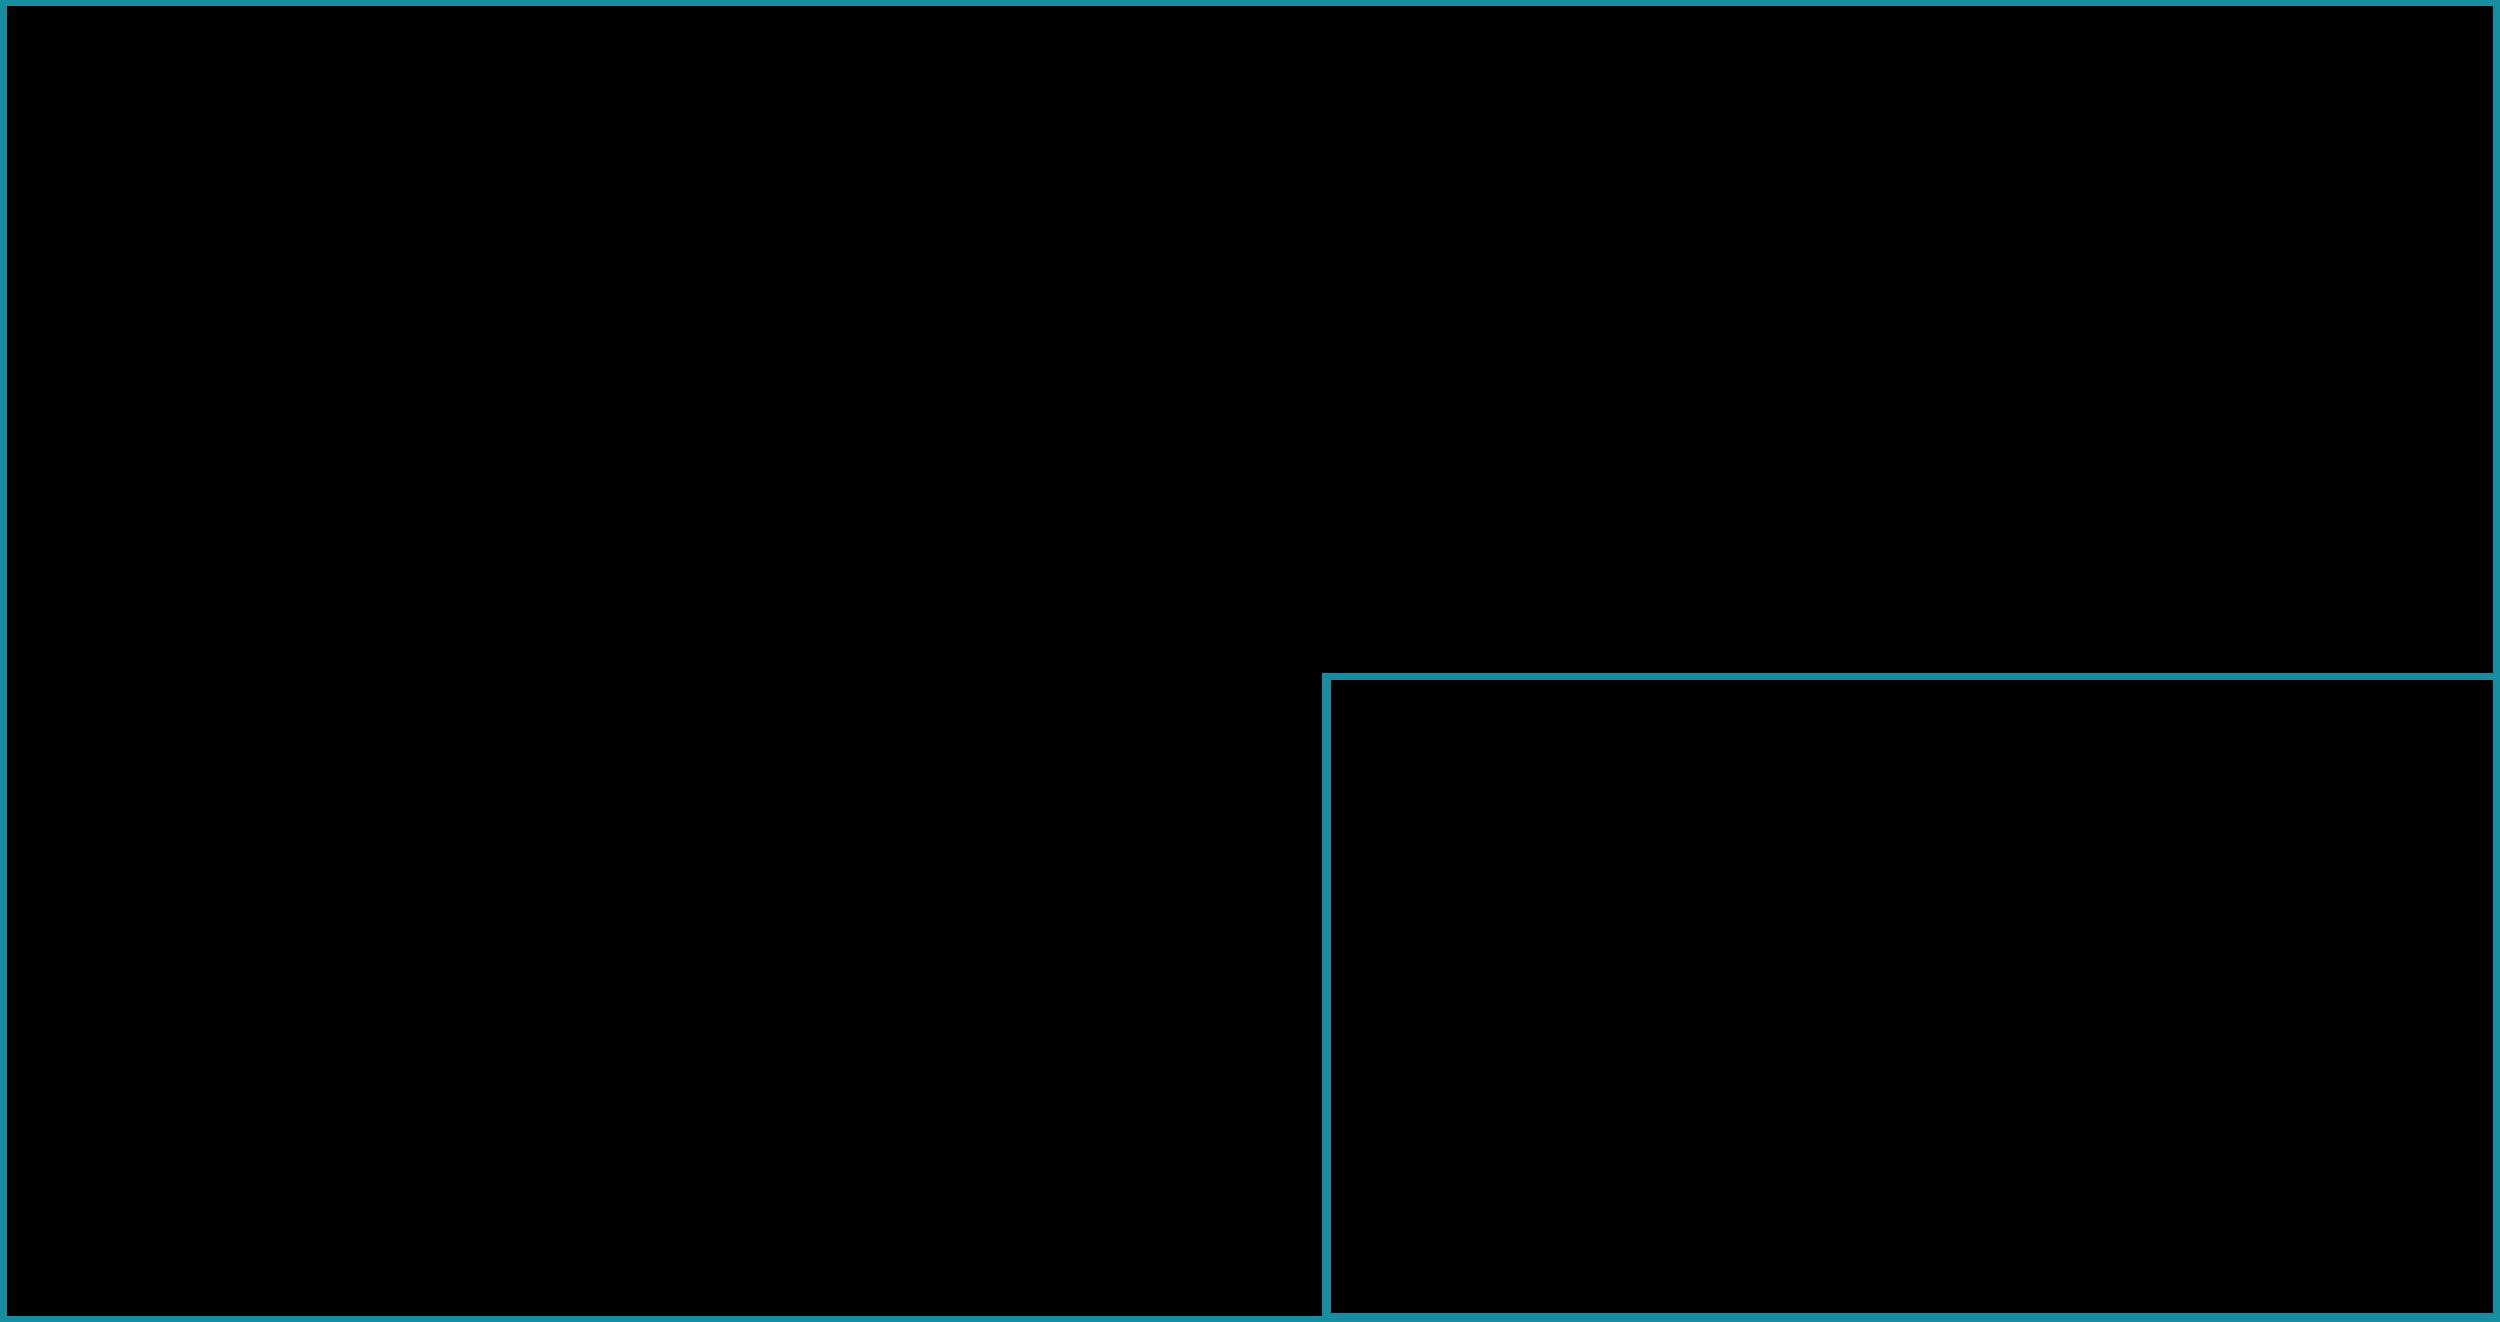 4k-vs-1080p.png